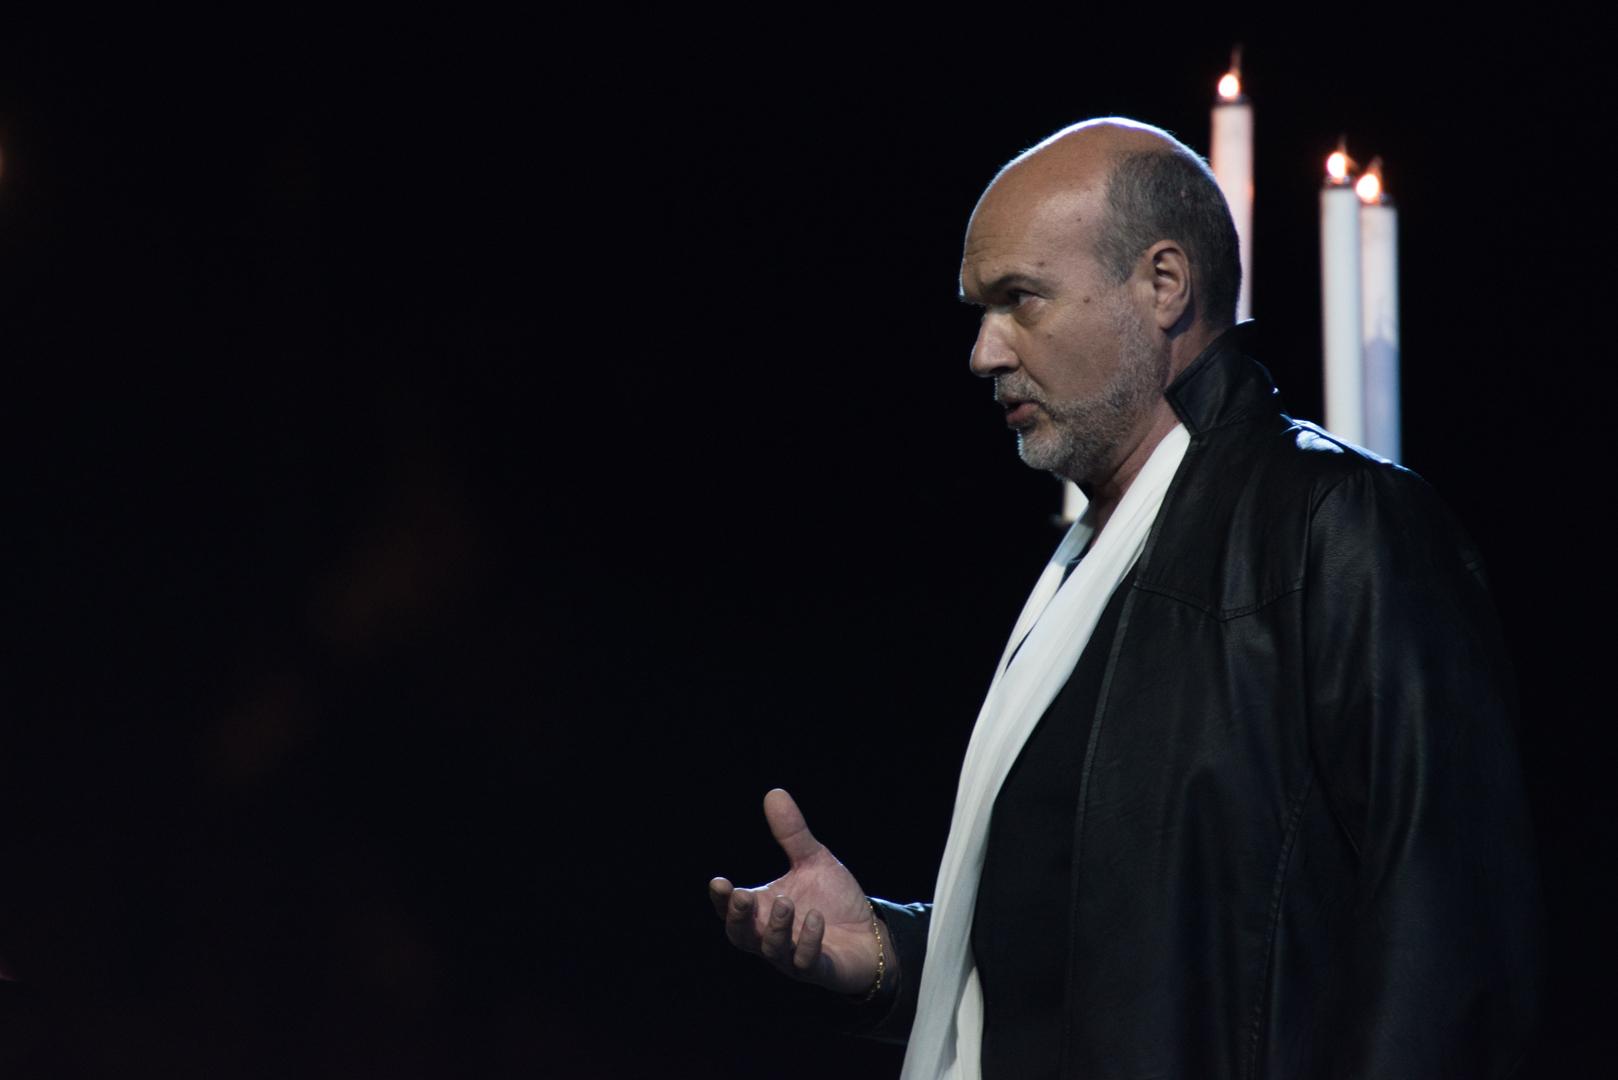 ph. Fabrizio Sansoni/Opera di Roma